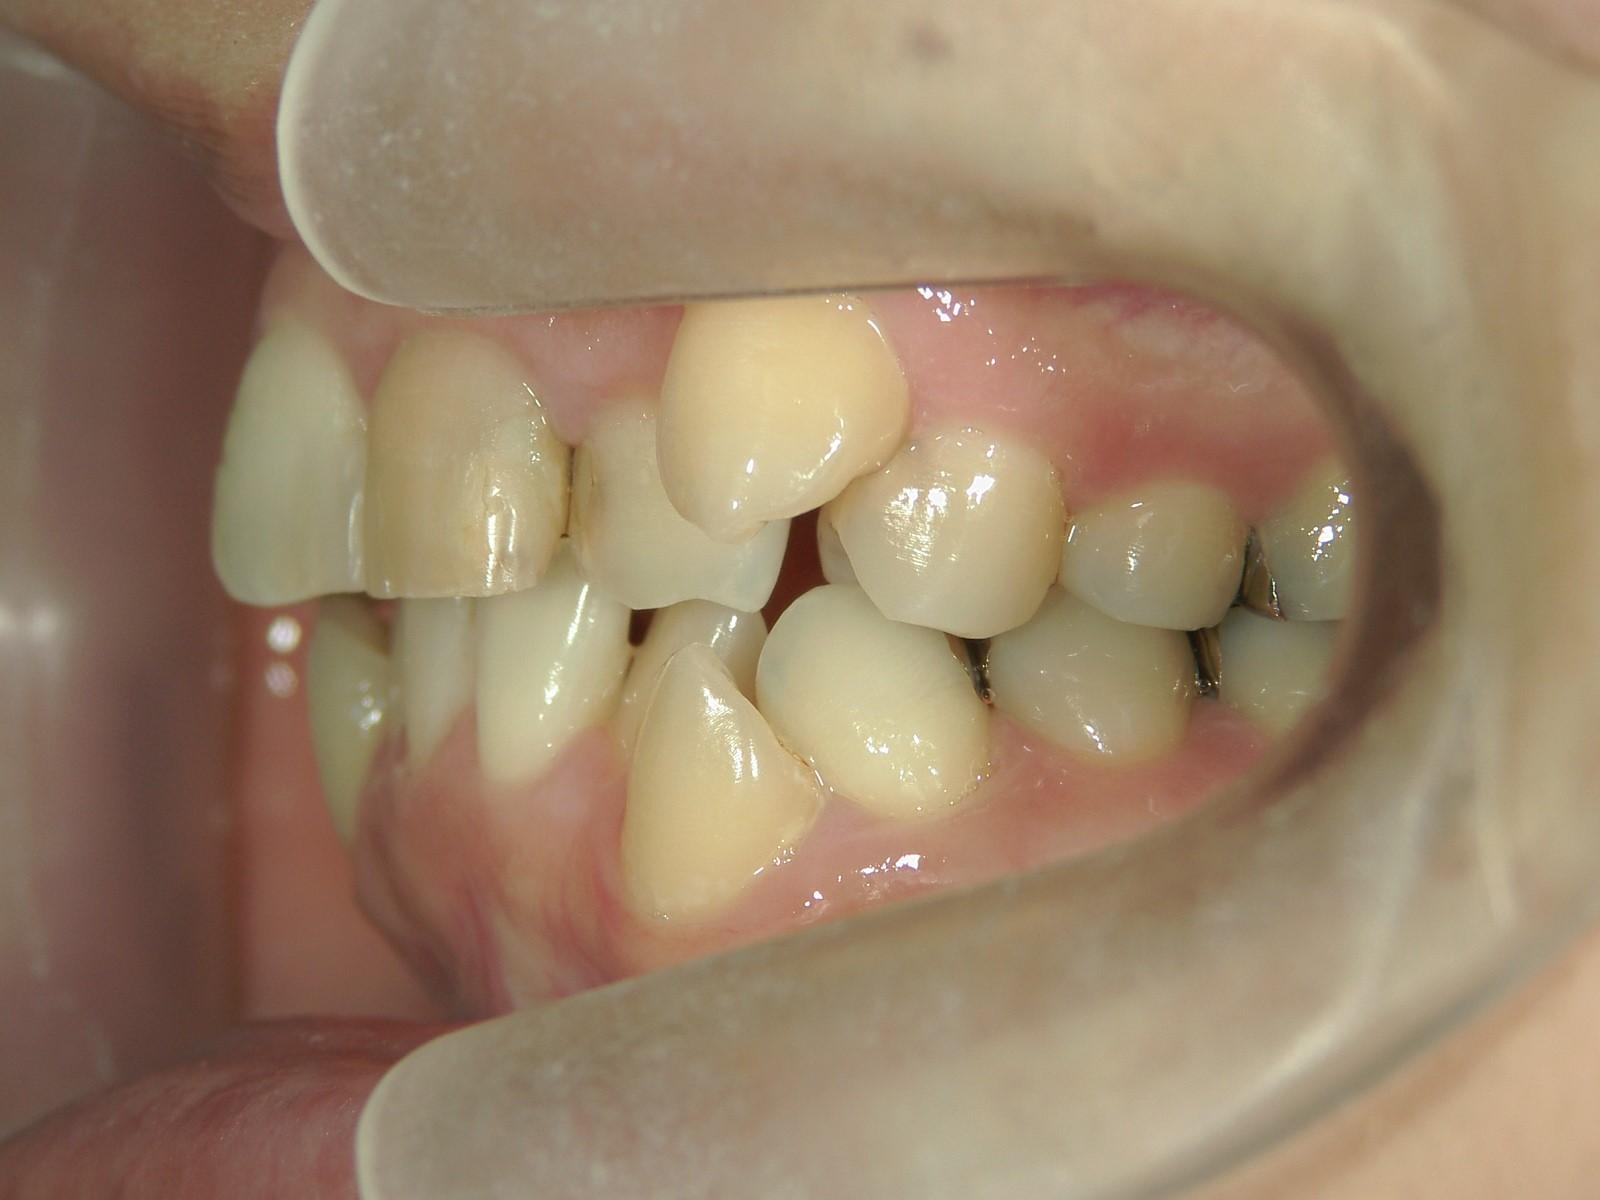 全顎ワイヤー矯正 症例(17)